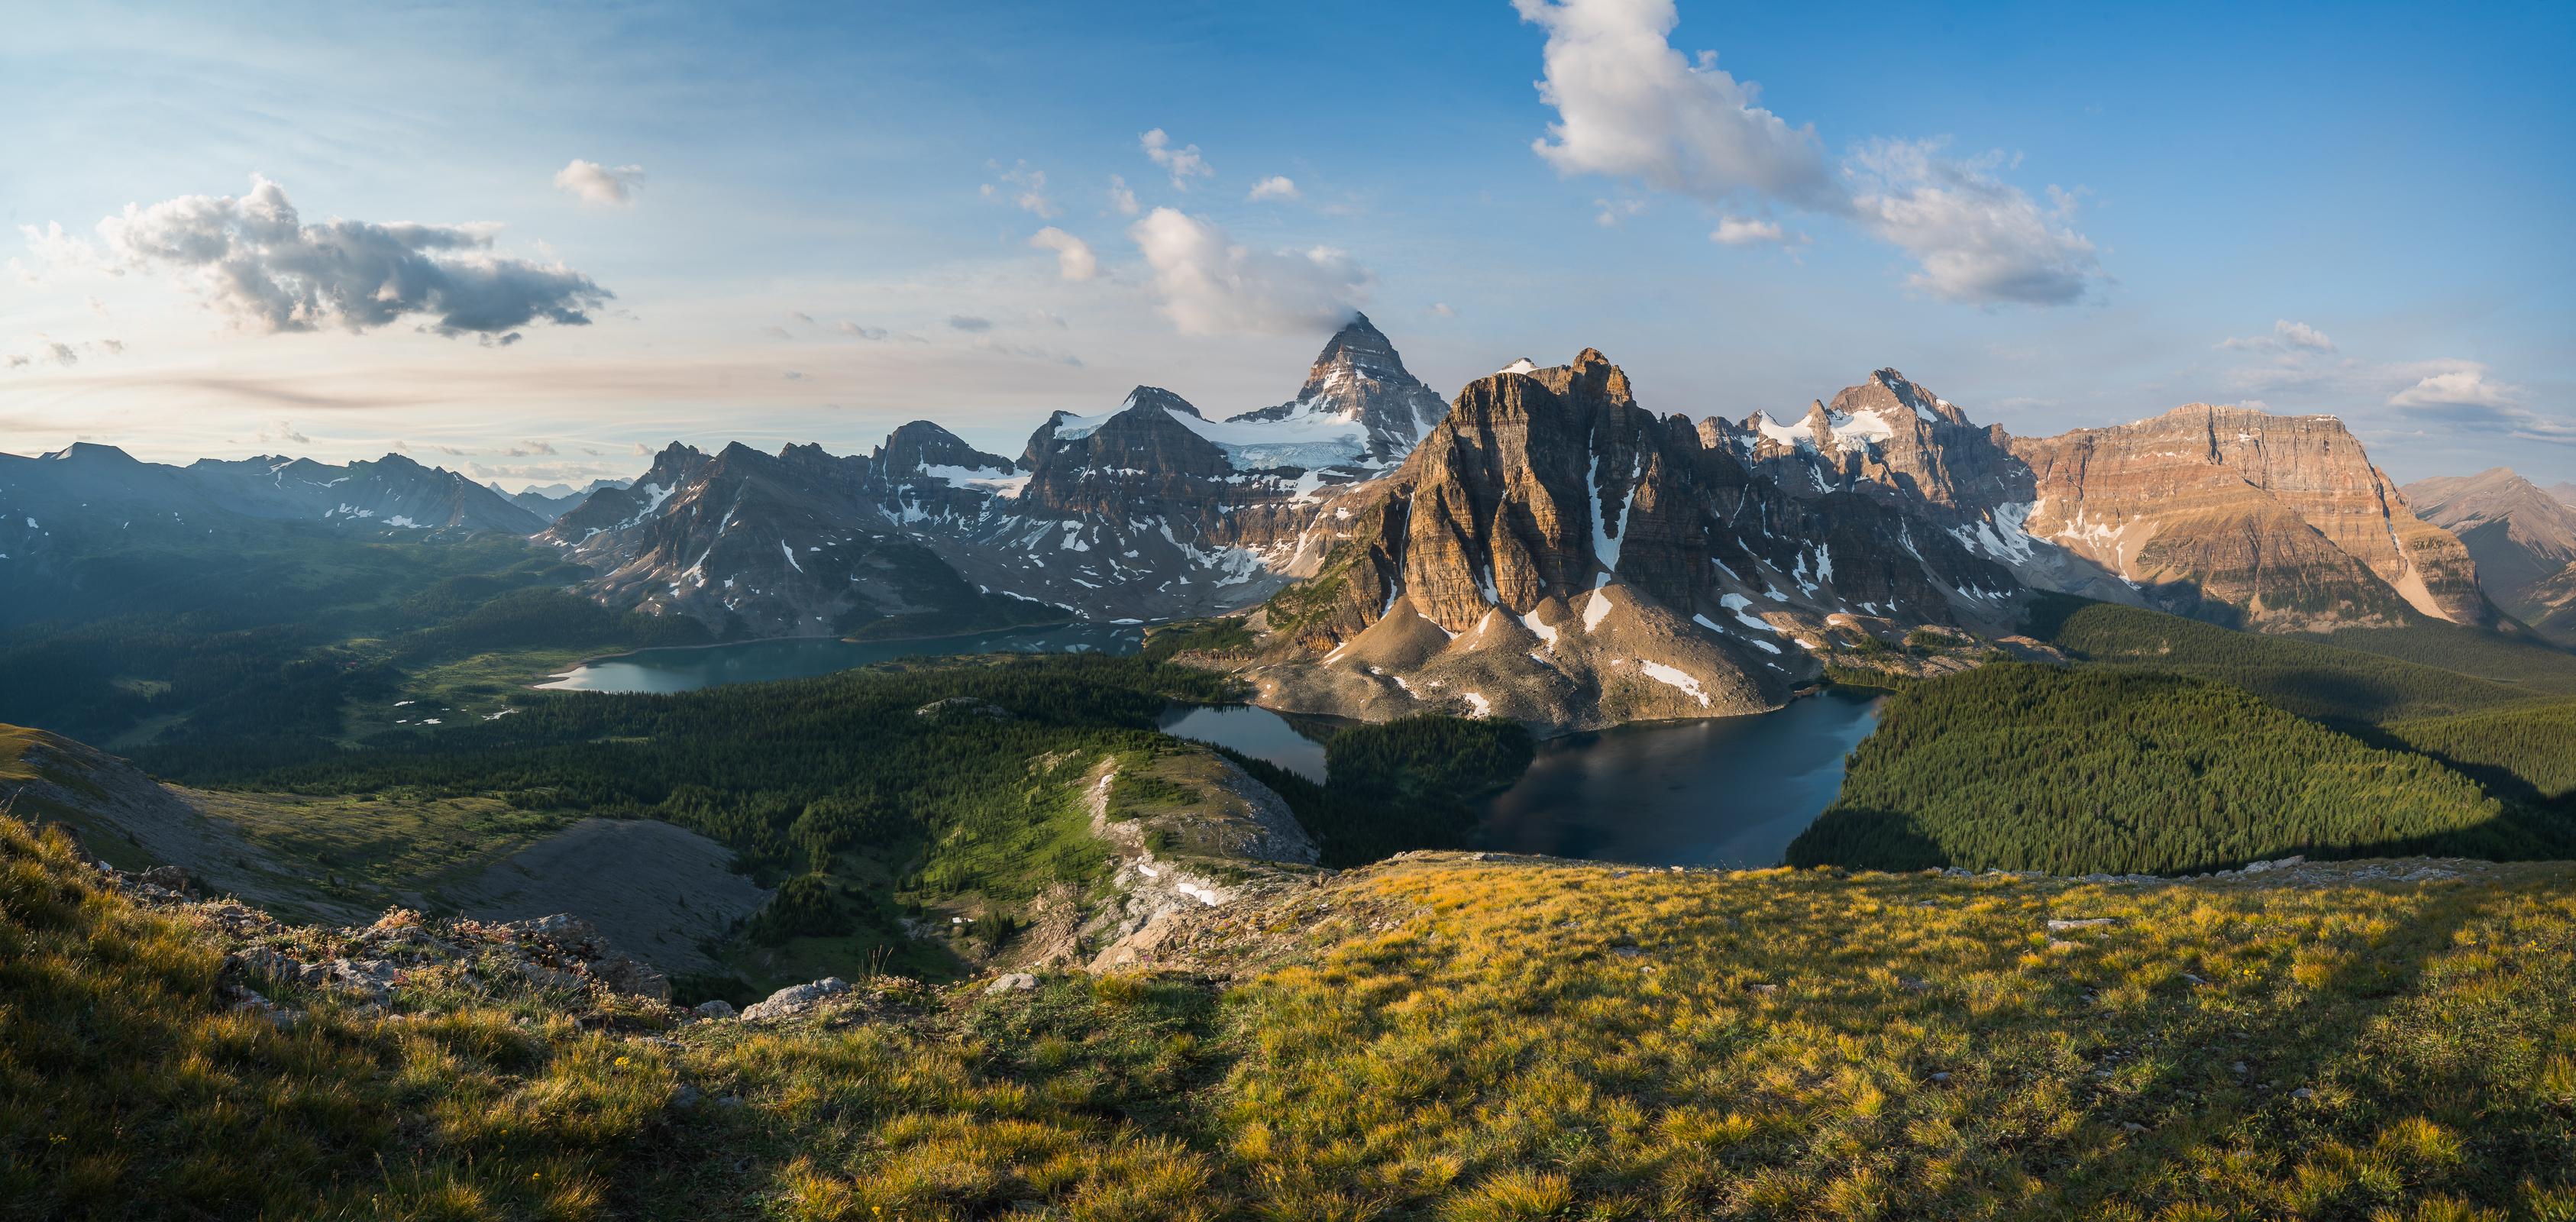 Visiting the Matterhorn of the Rockies: Mount Assiniboine ...